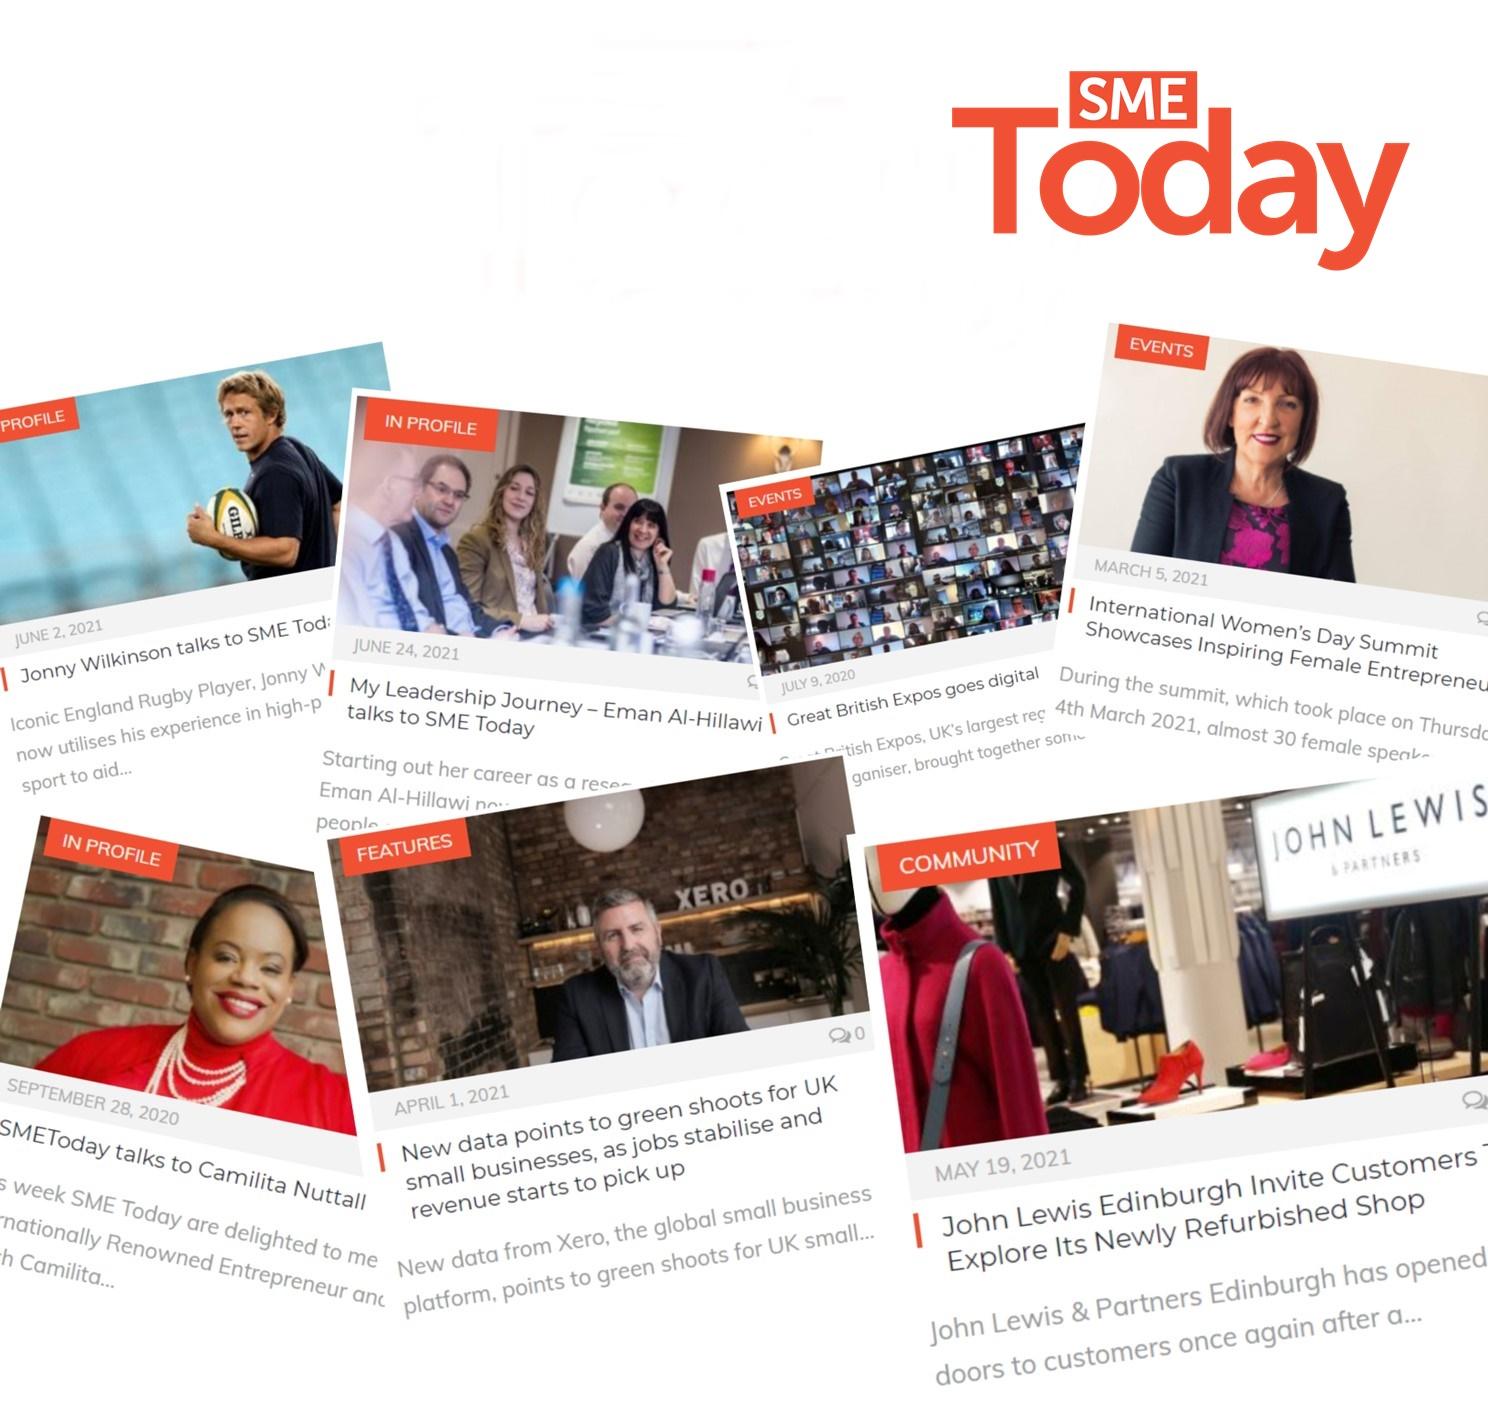 SME Today magazine